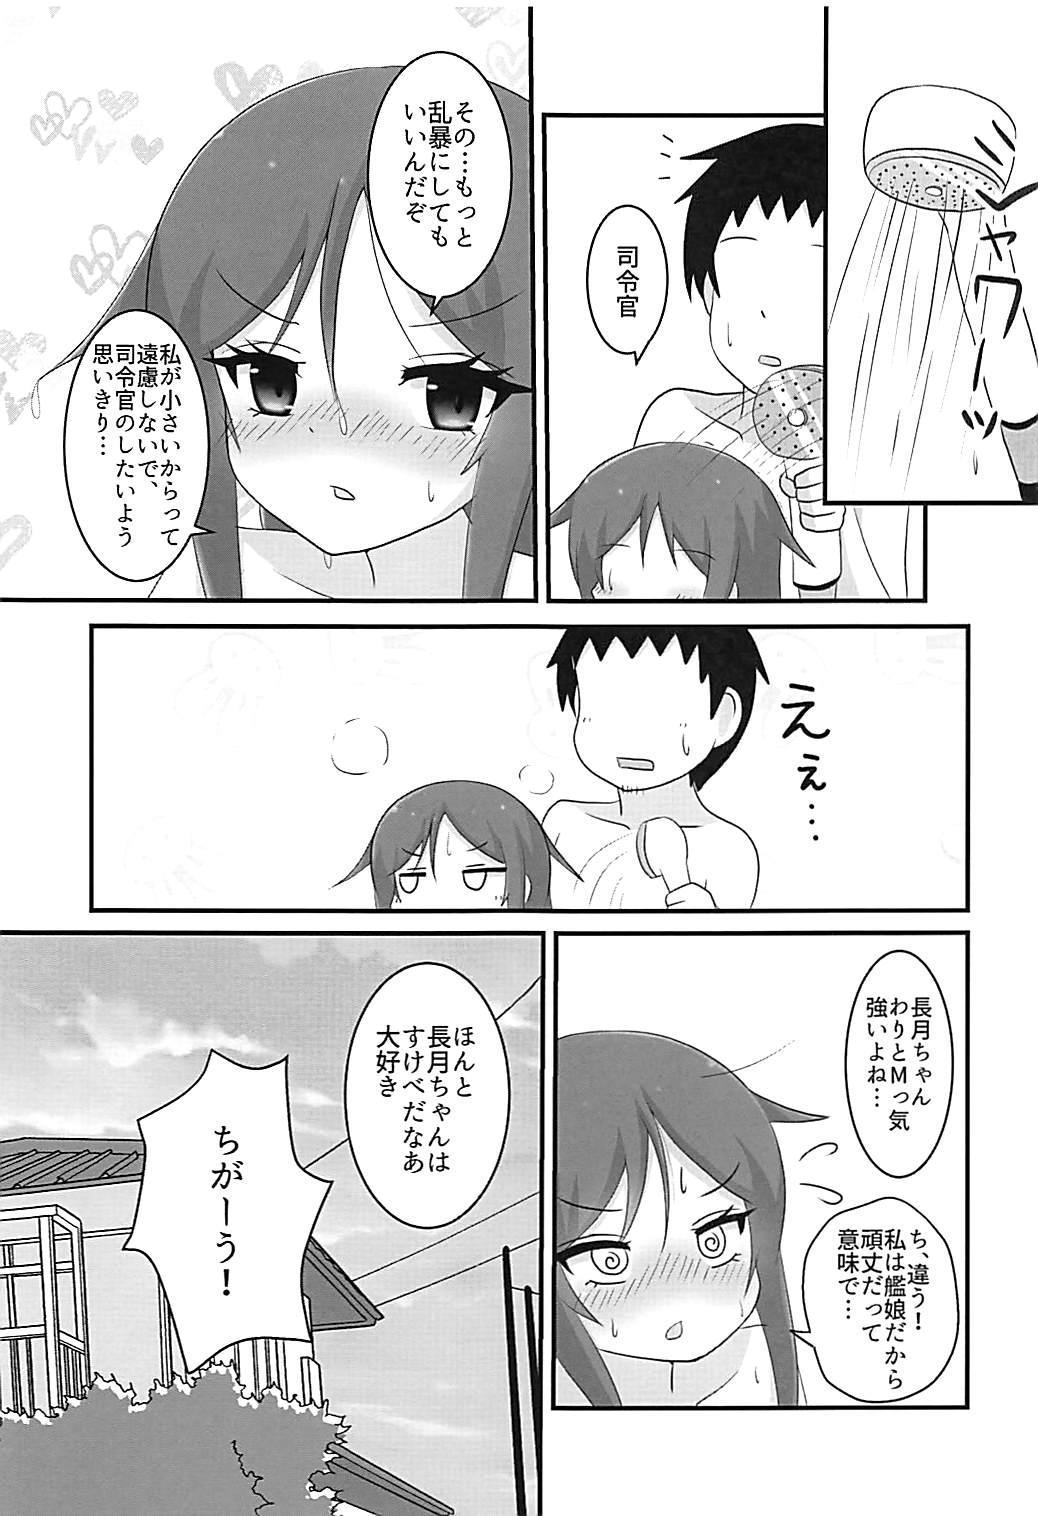 Nagatsuki-chan to Ecchi na Koto Suru Hon 2 17